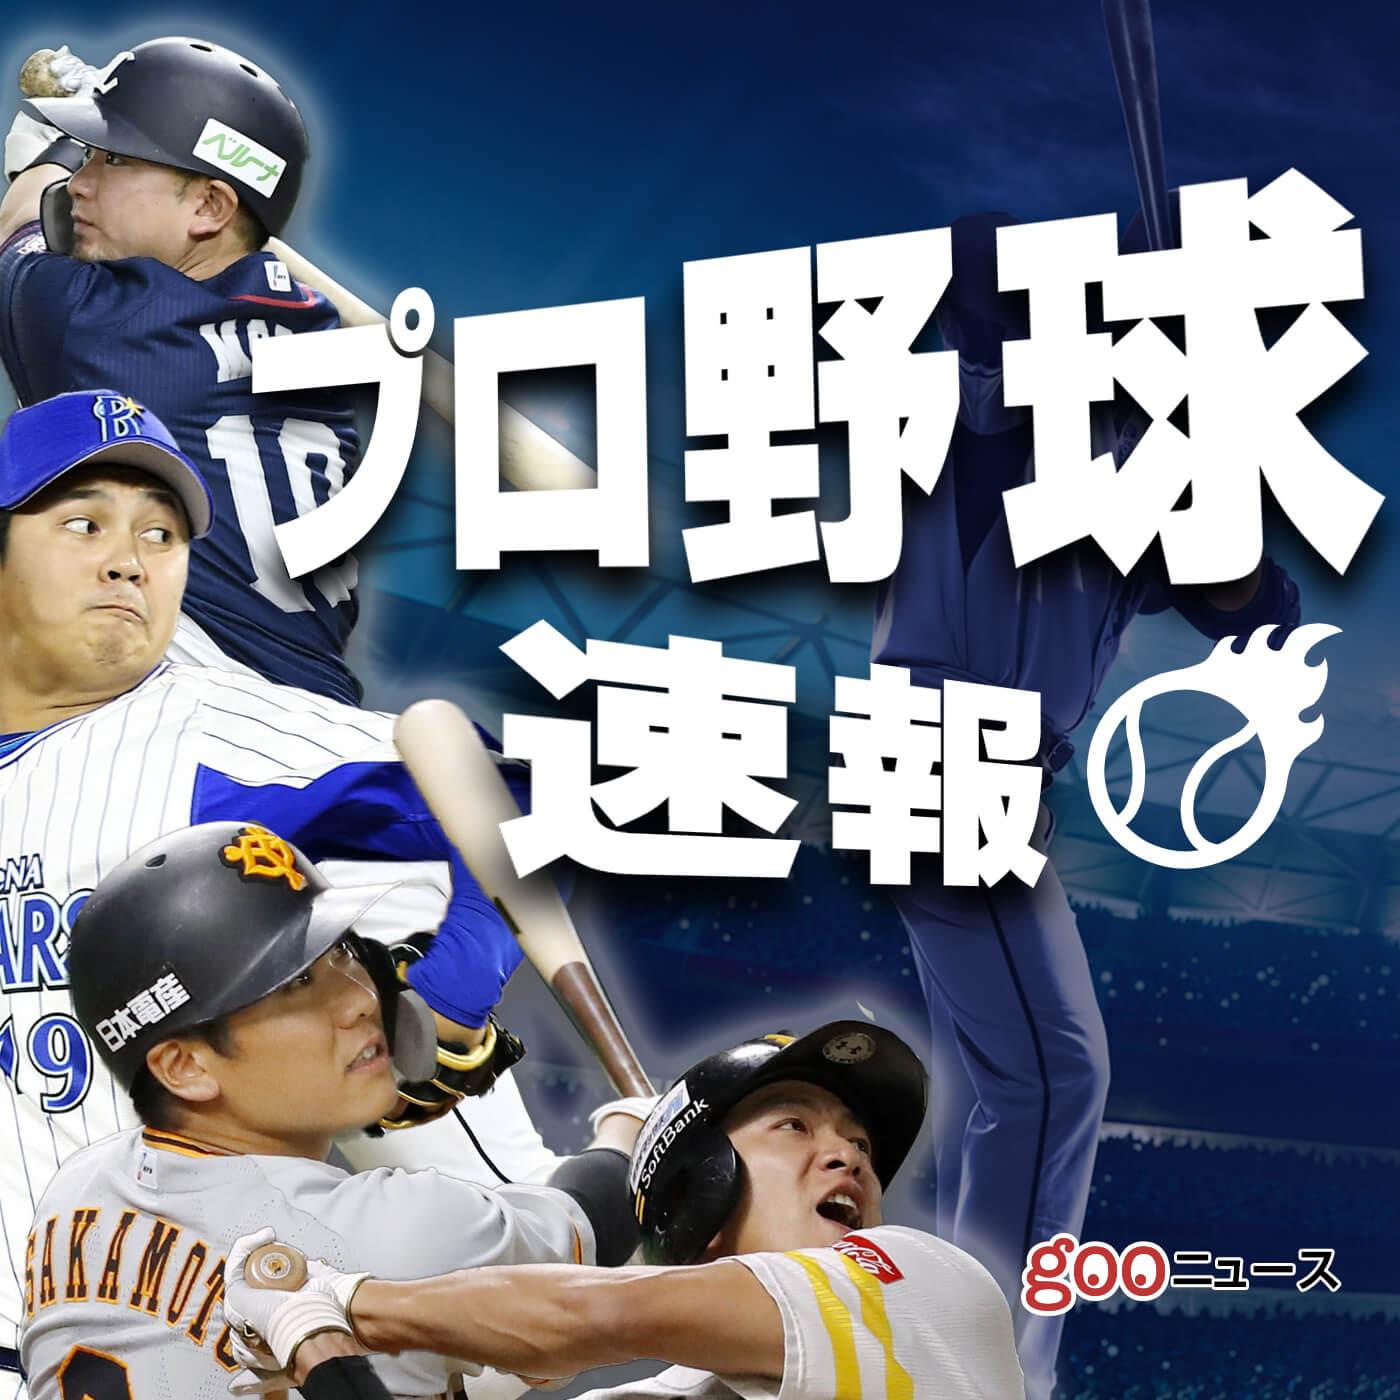 新人 プロ 資格 野球 王